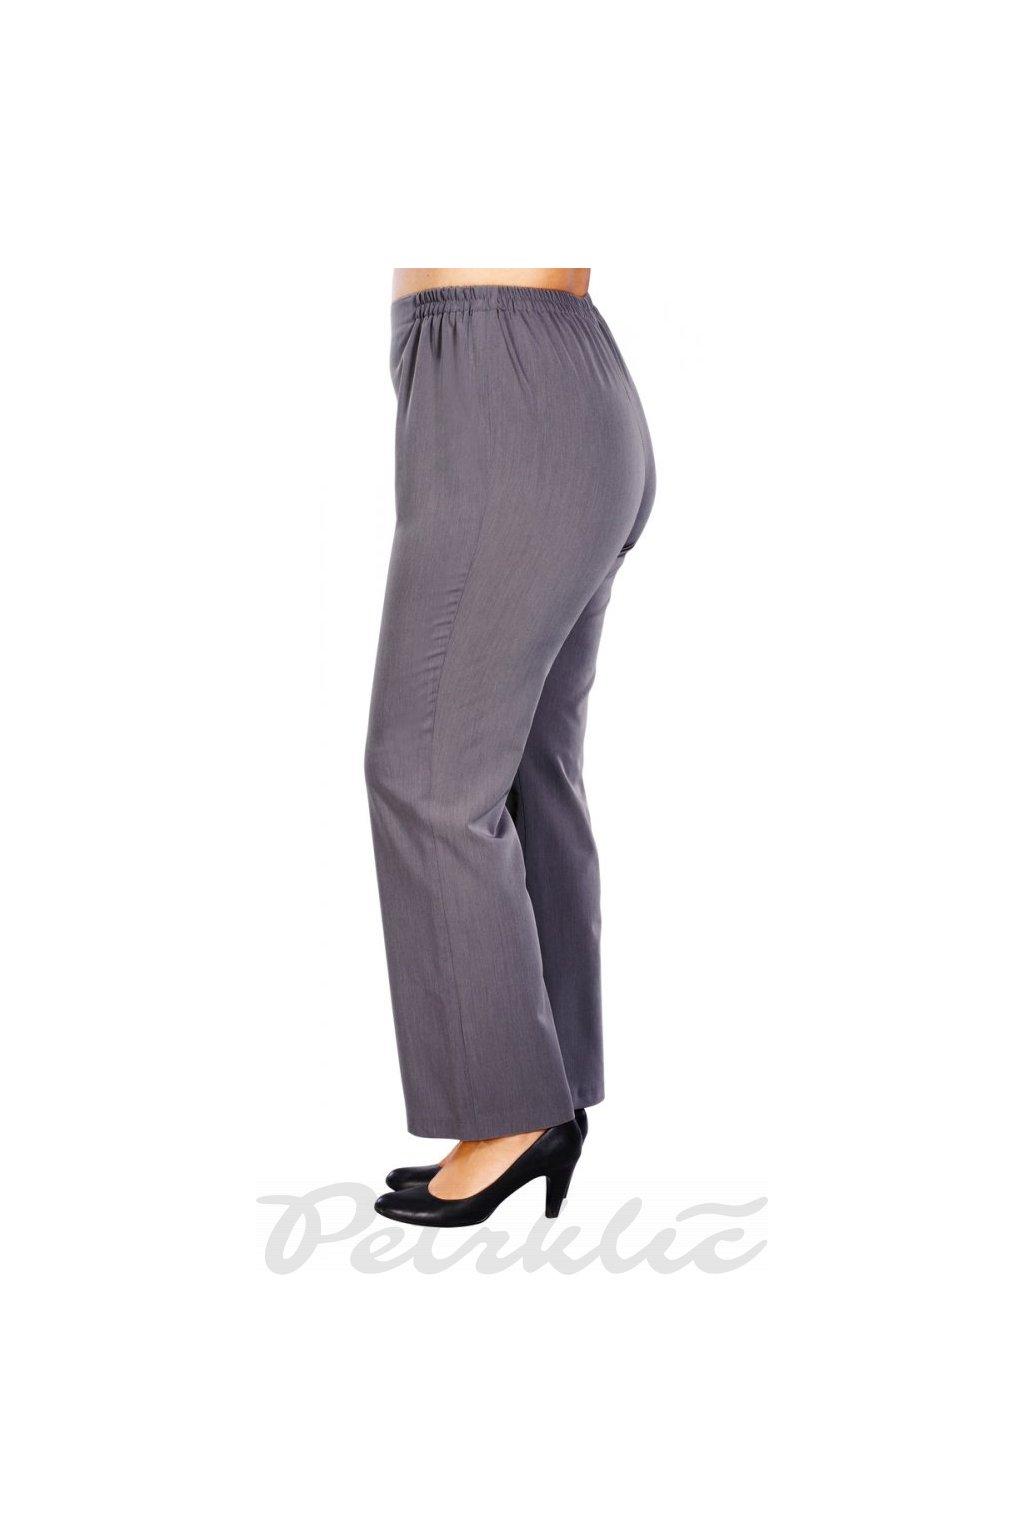 BETA - kalhoty vnitřní délka 78 cm